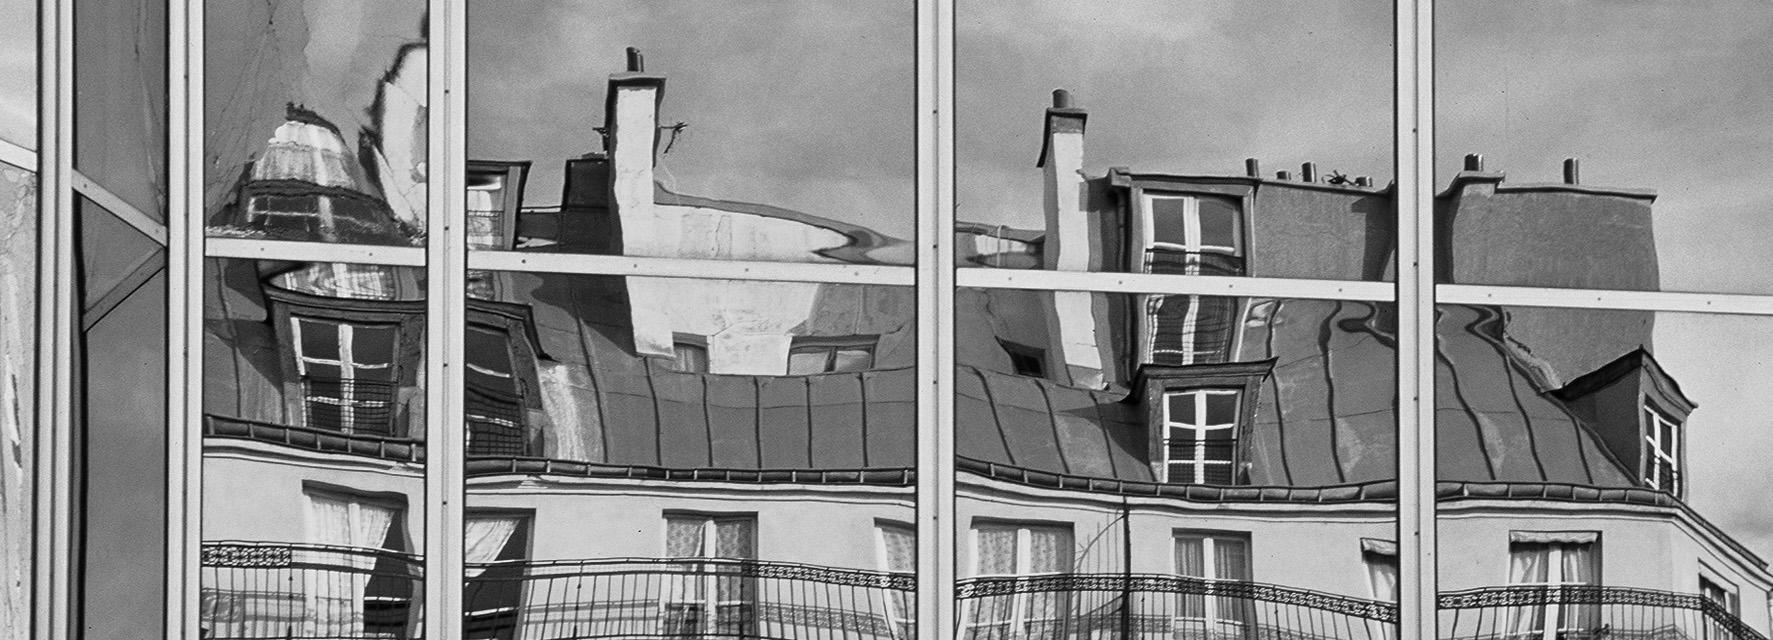 פריז - עלי שלכת - paris - יואל שתרוג - אדמה יוצרת - yoel sitruk